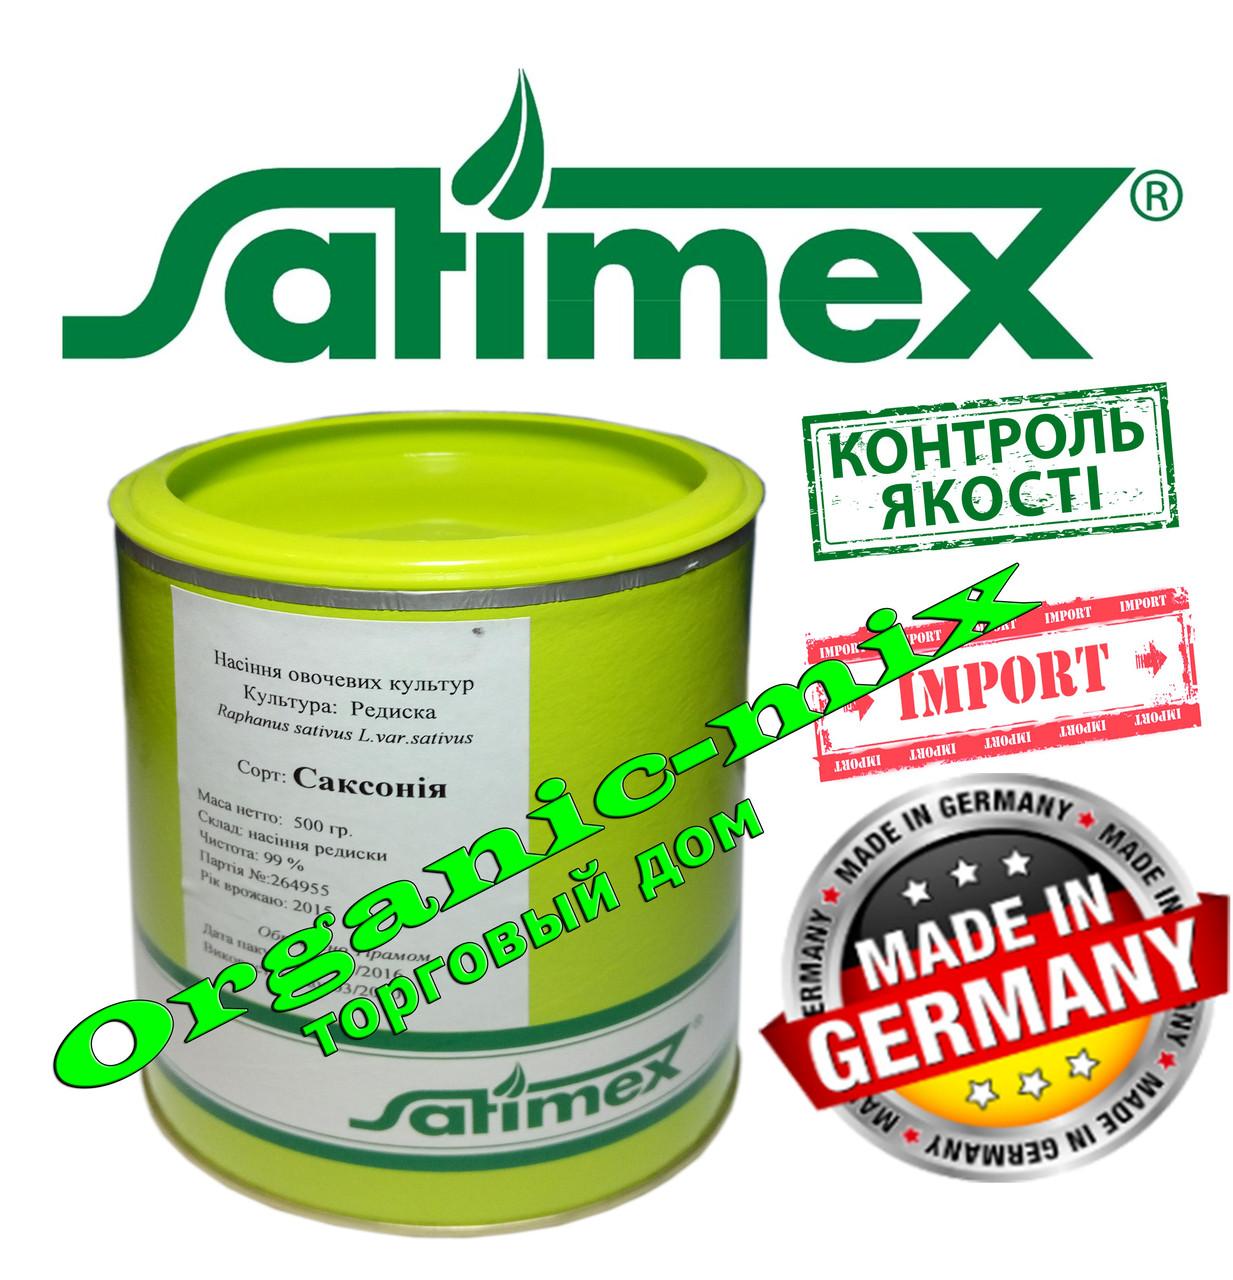 Семена Редис Саксония (Сакса) 500 г банка, Satimex (Германия), обработанные